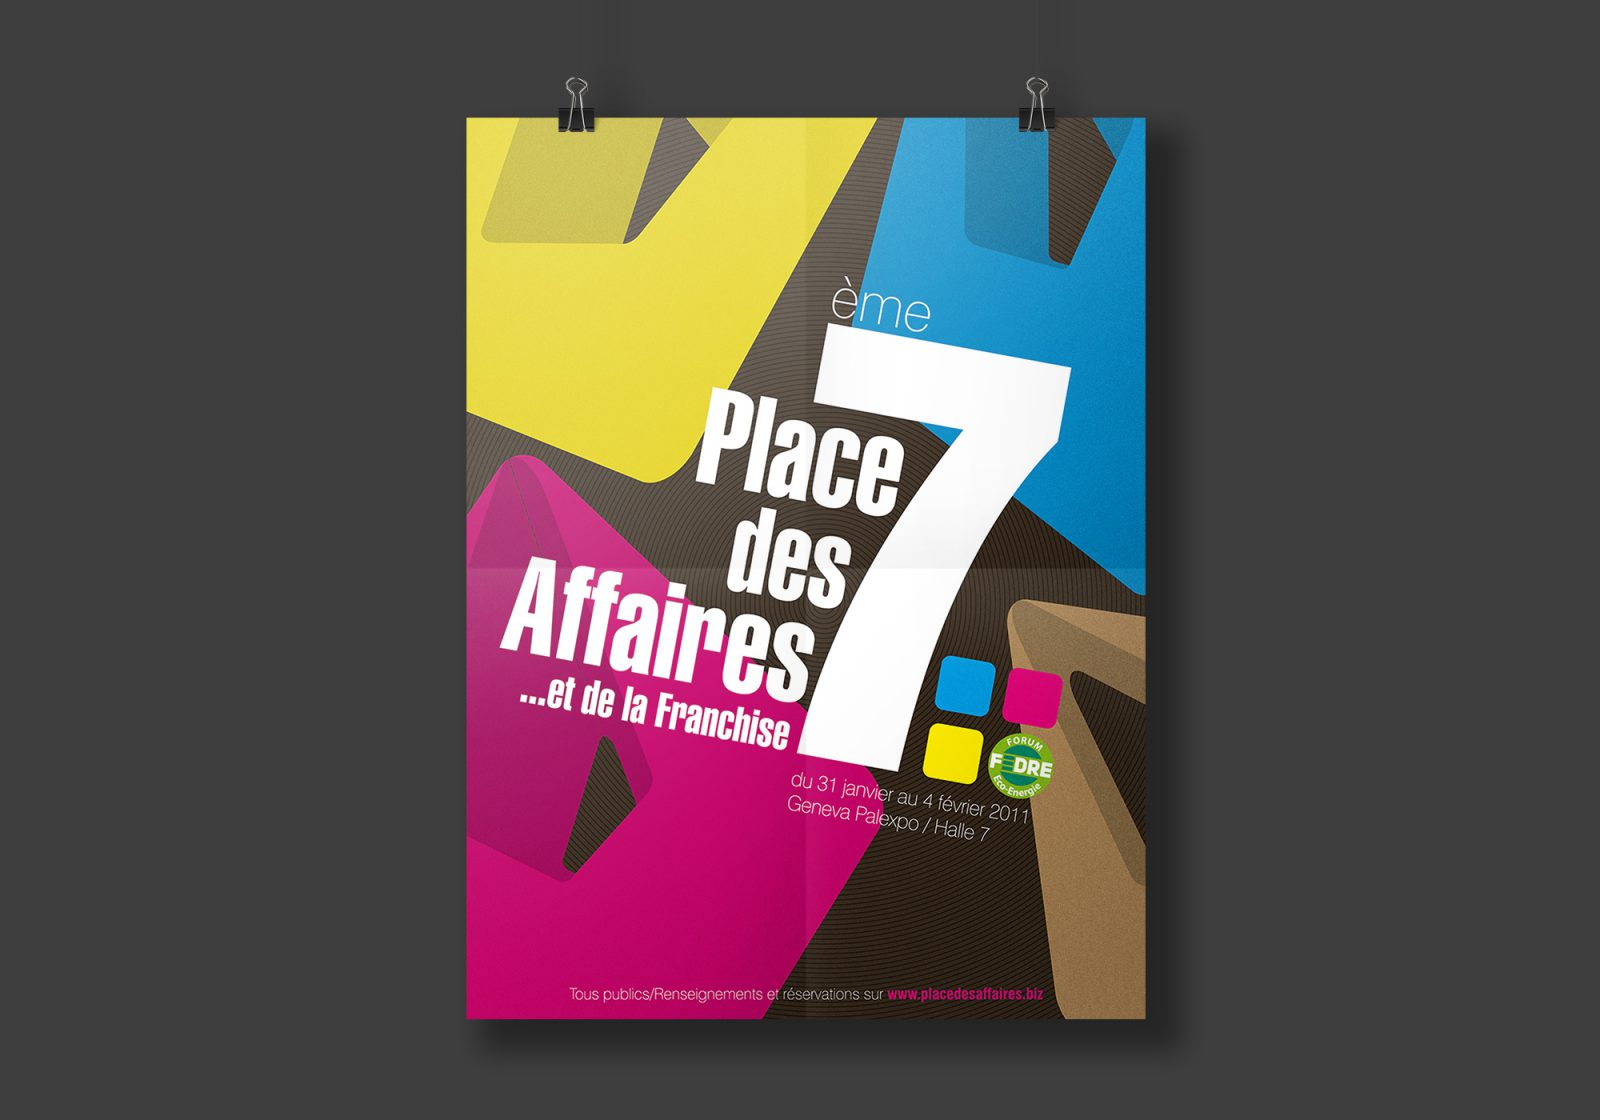 place-des-affaires-geneve-palexpo-identite-visuelle-affiche-fredmuller-graphiste-print-siteinternet-independant